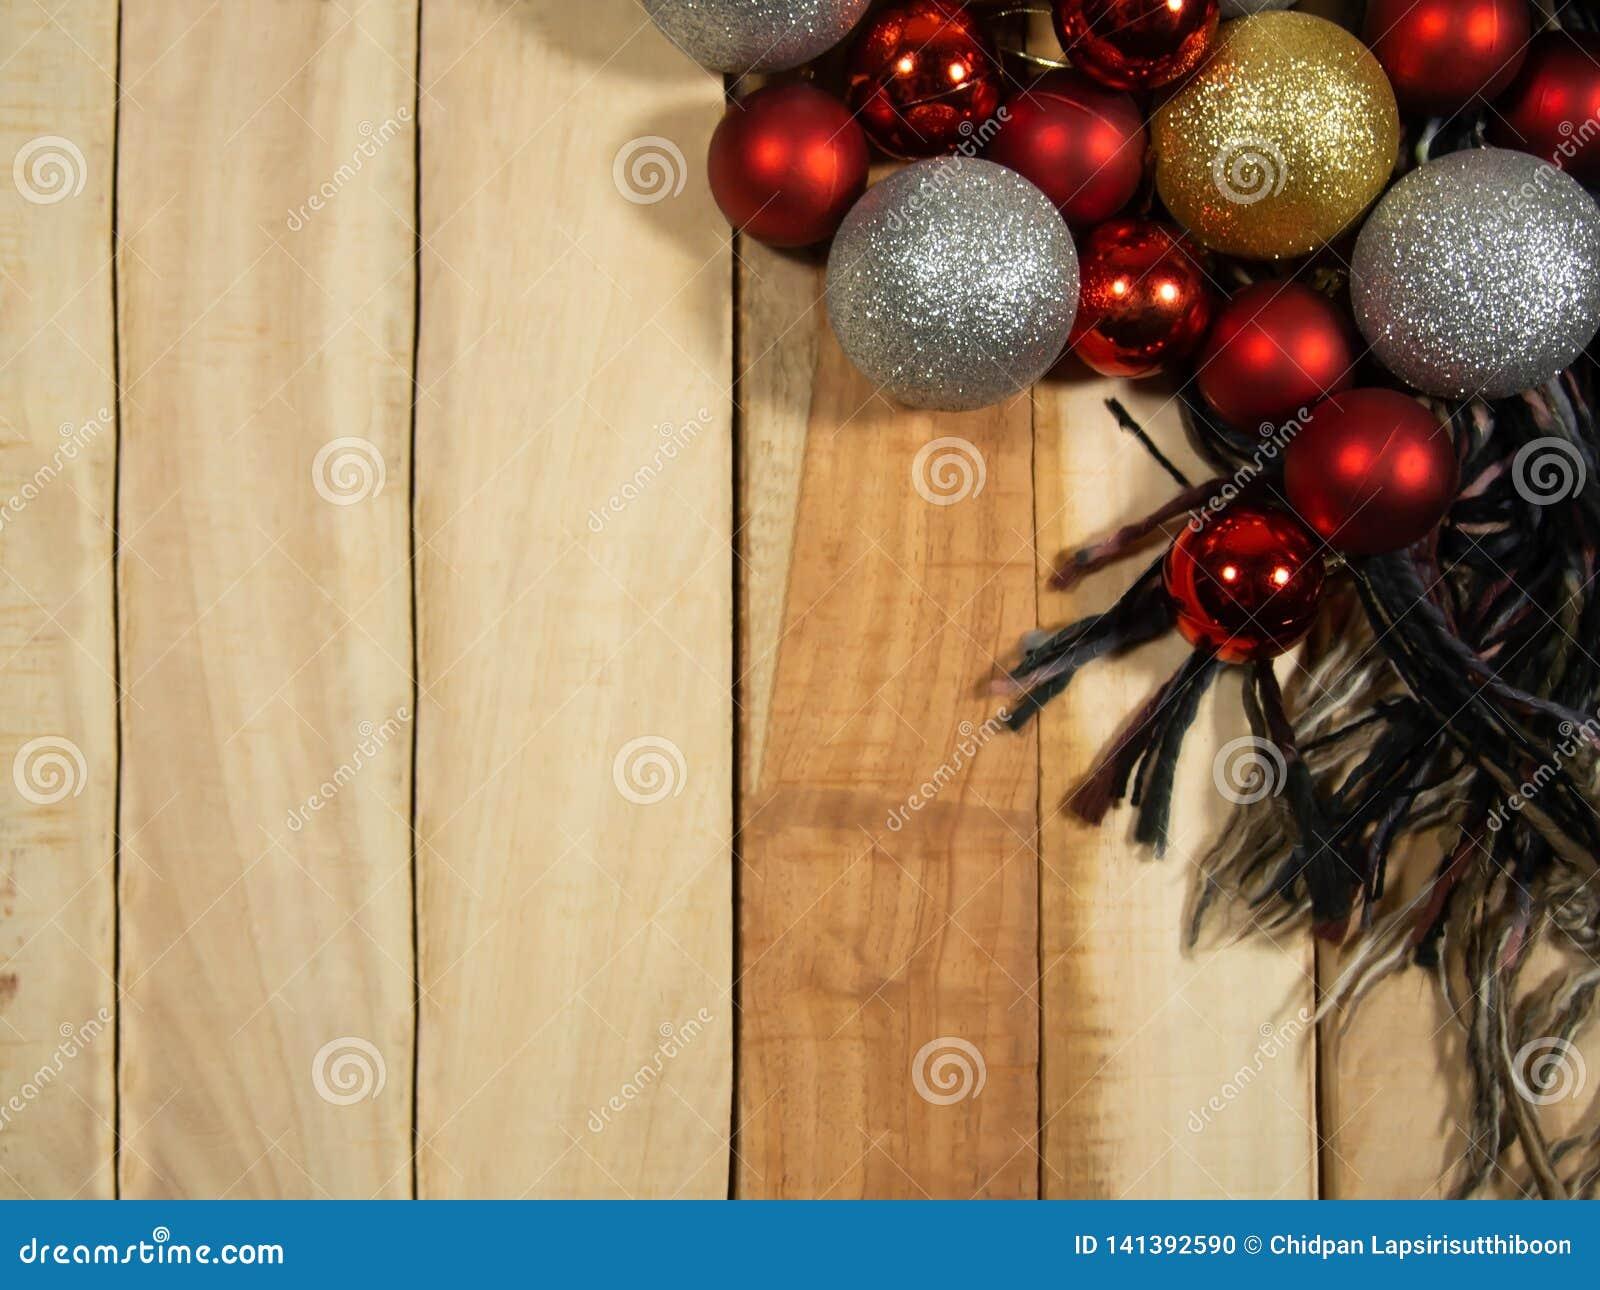 Nowy rok składów odgórnego widoku tło z dekoracji Bożenarodzeniową piłką szalikiem na stole drewnianym i